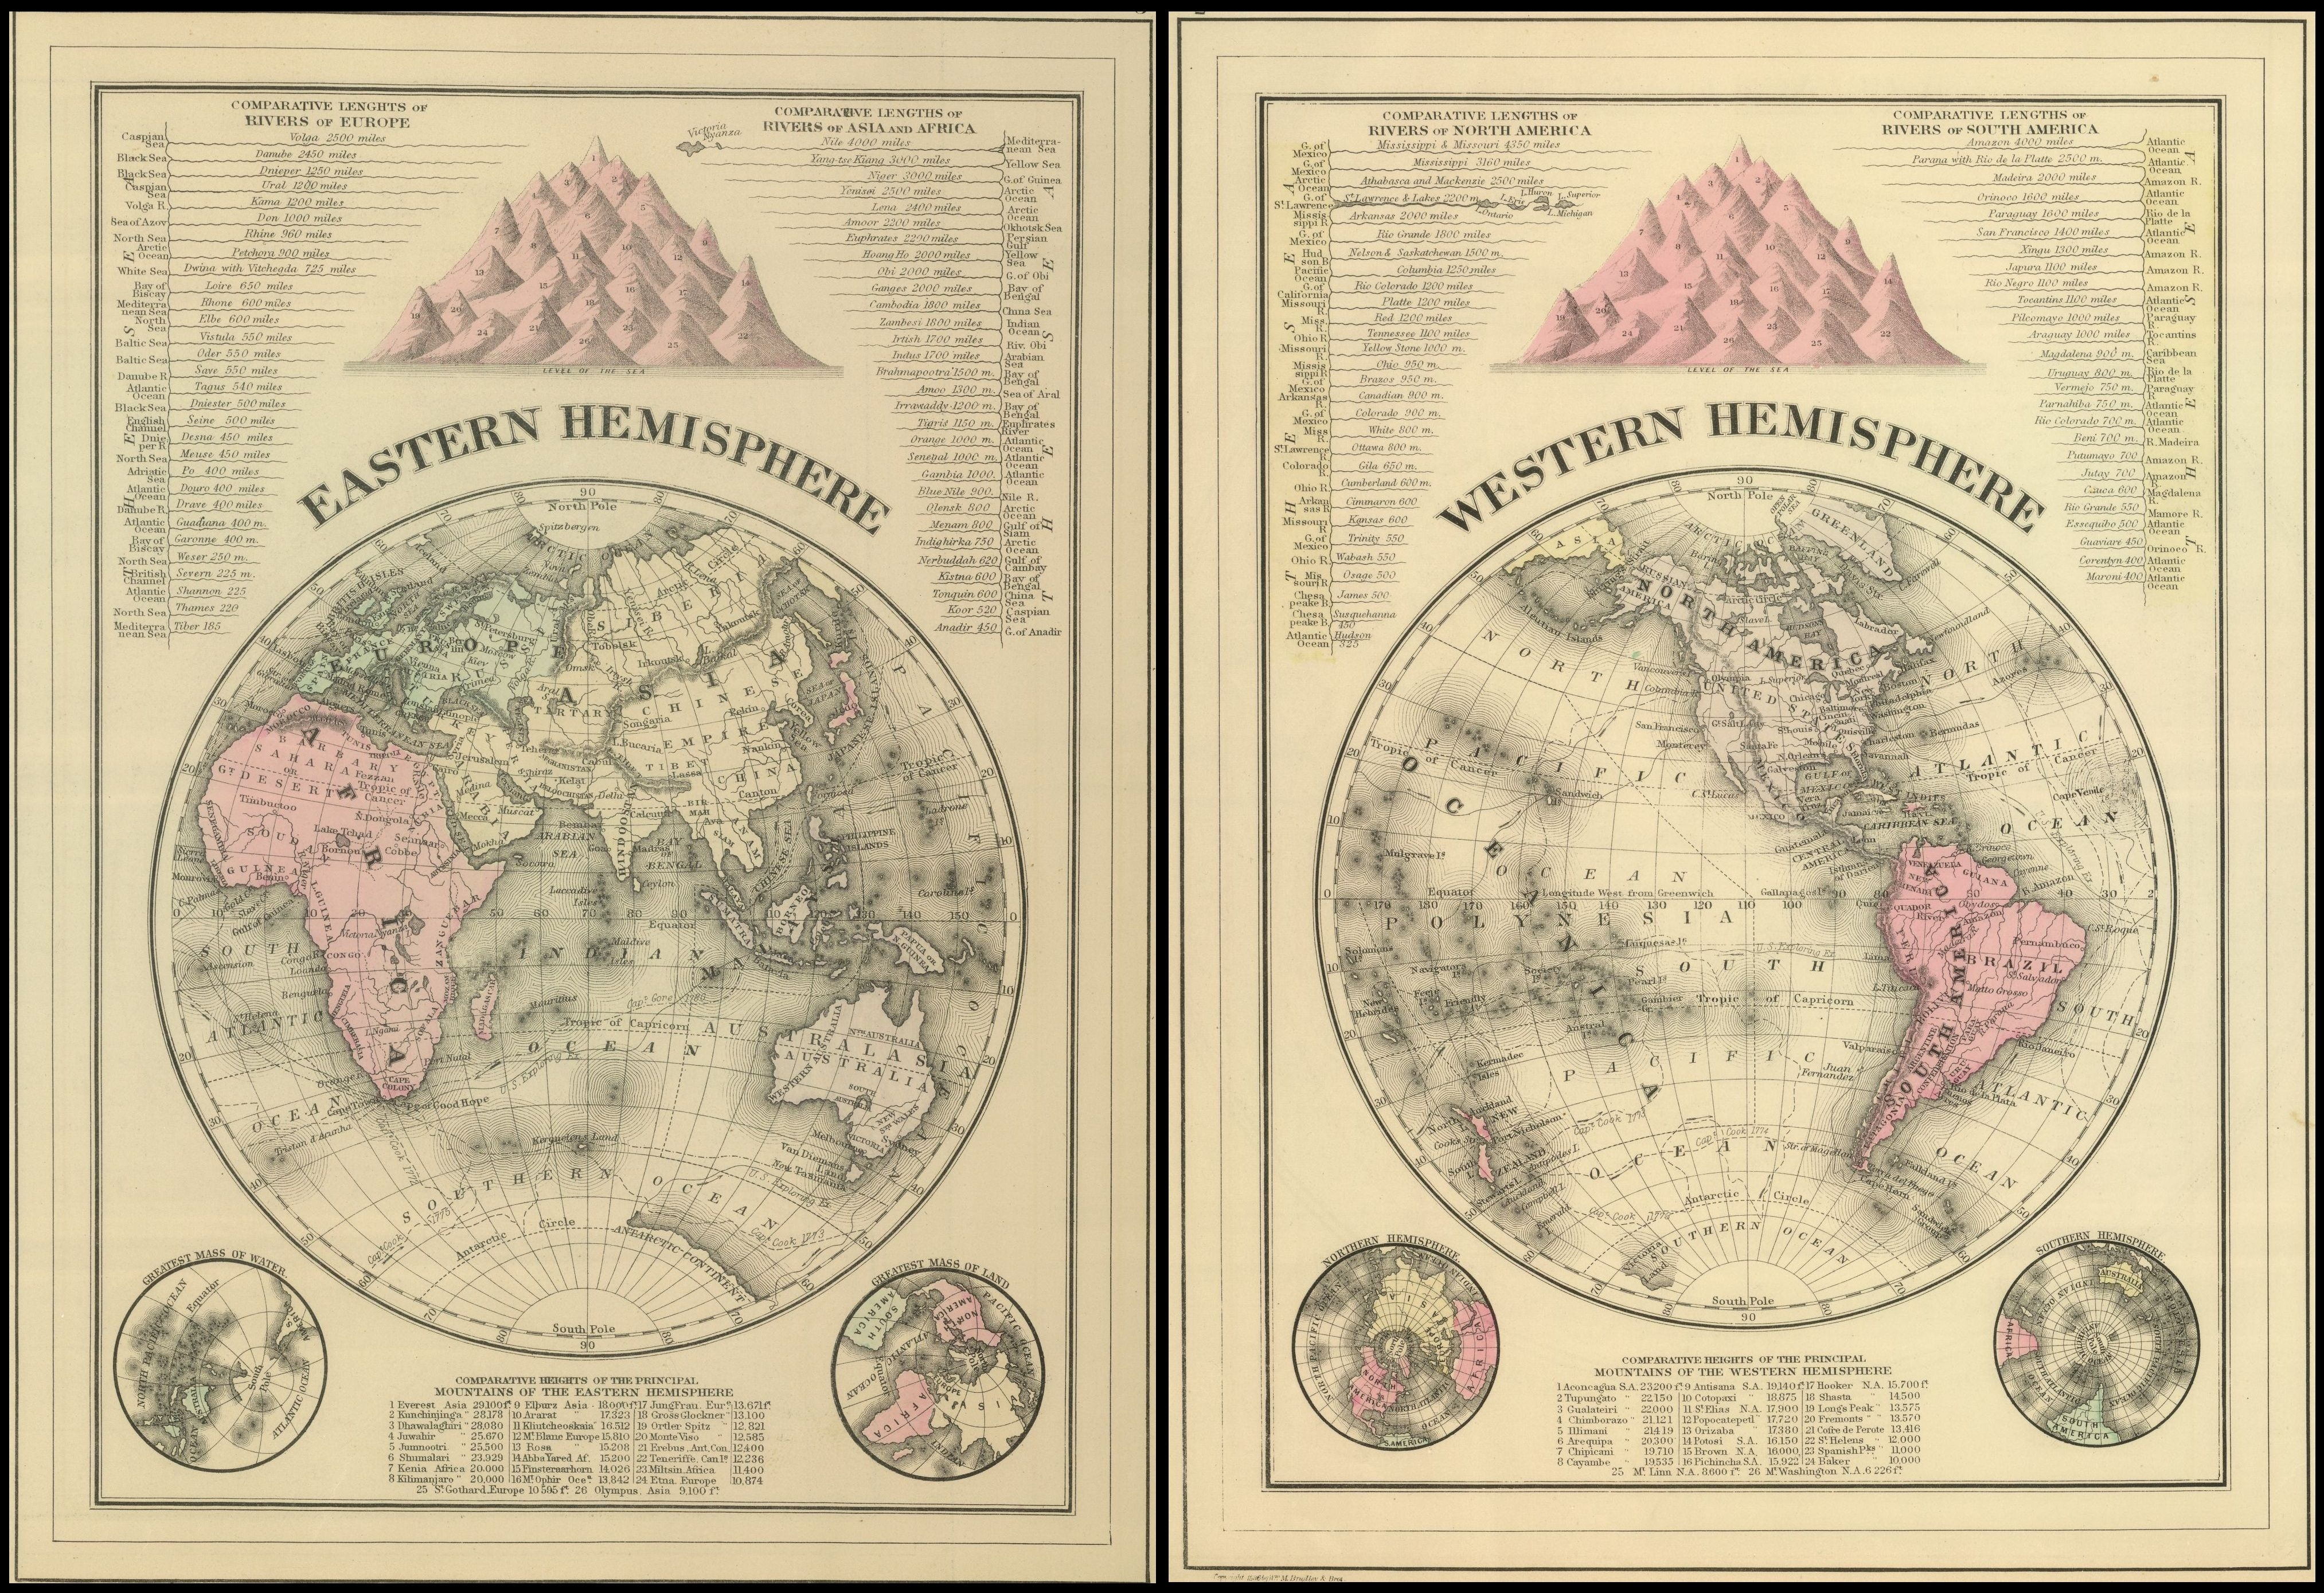 Free Printable Vintage Art | Chart And Printable World - Free Printable Vintage Art